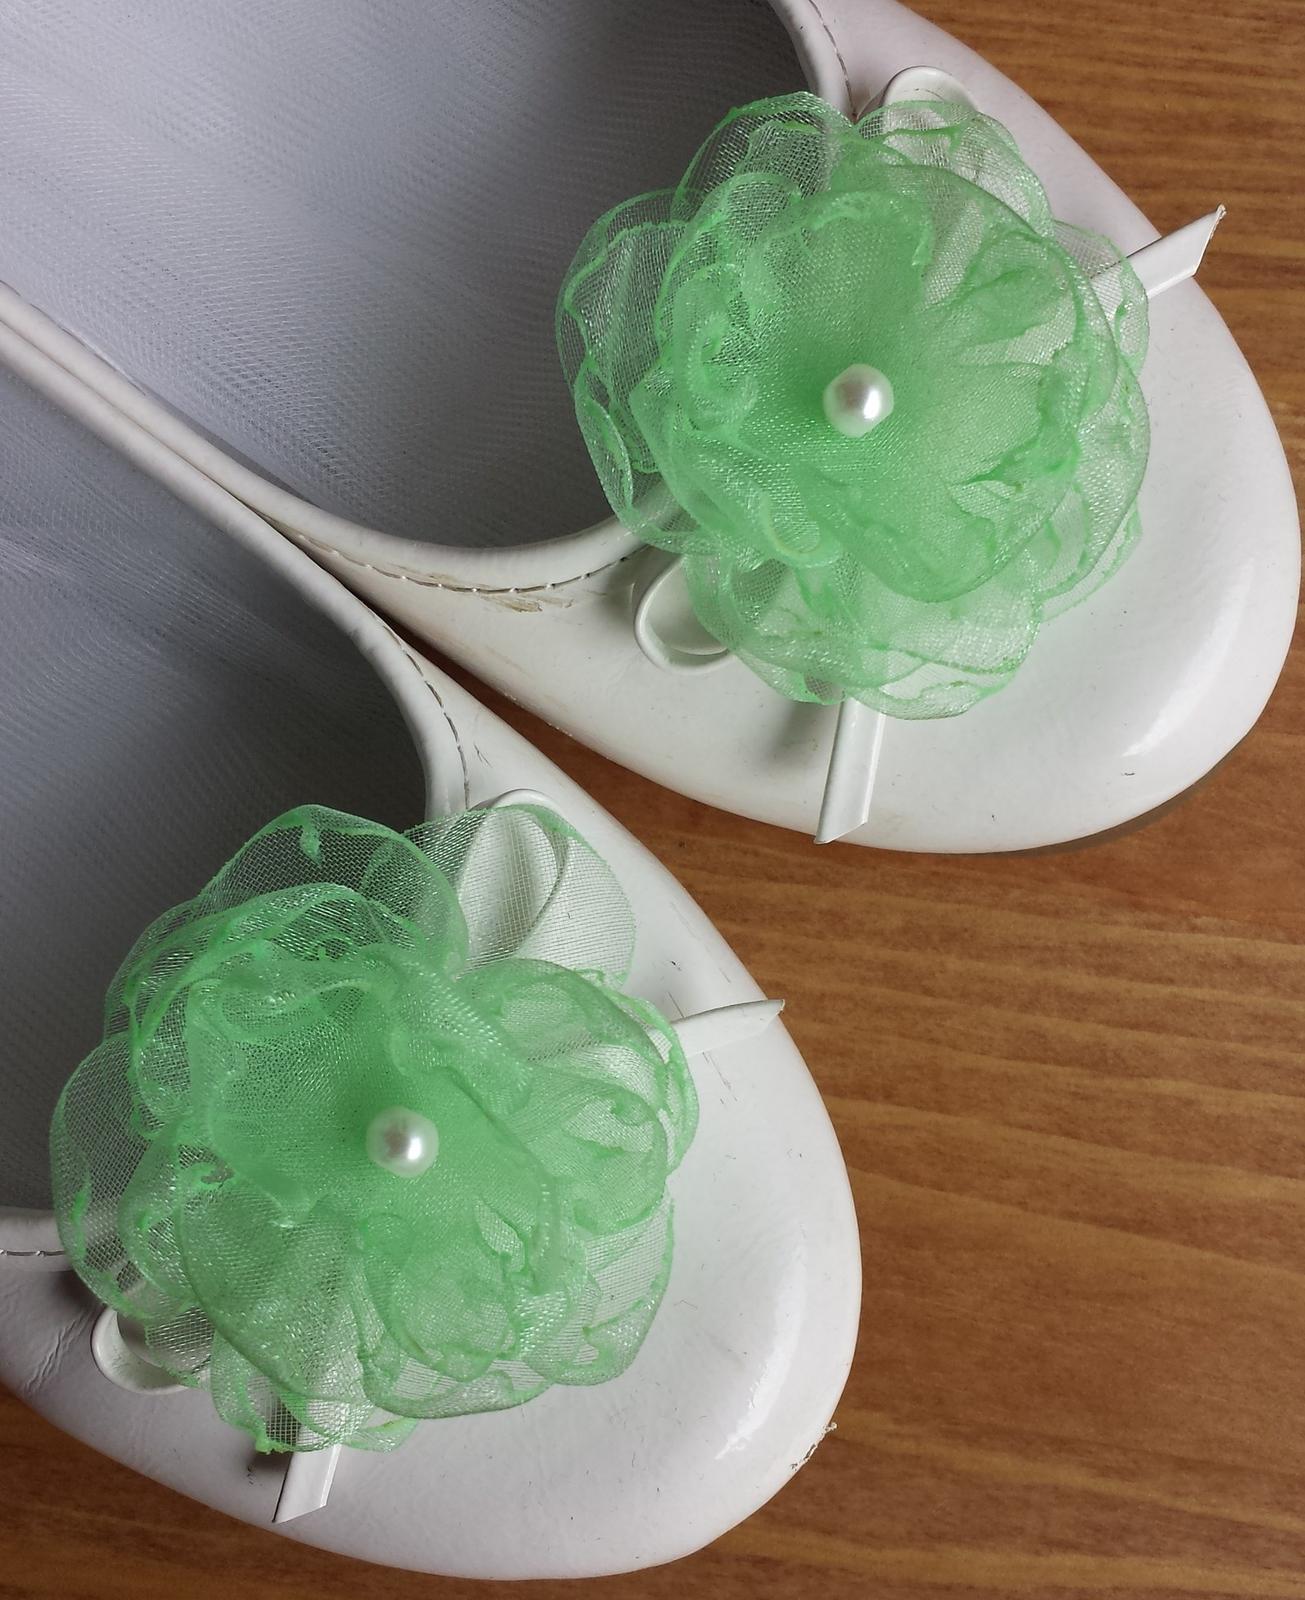 Klipy na boty pro nevěstu - zelenkavý květ - Obrázek č. 1